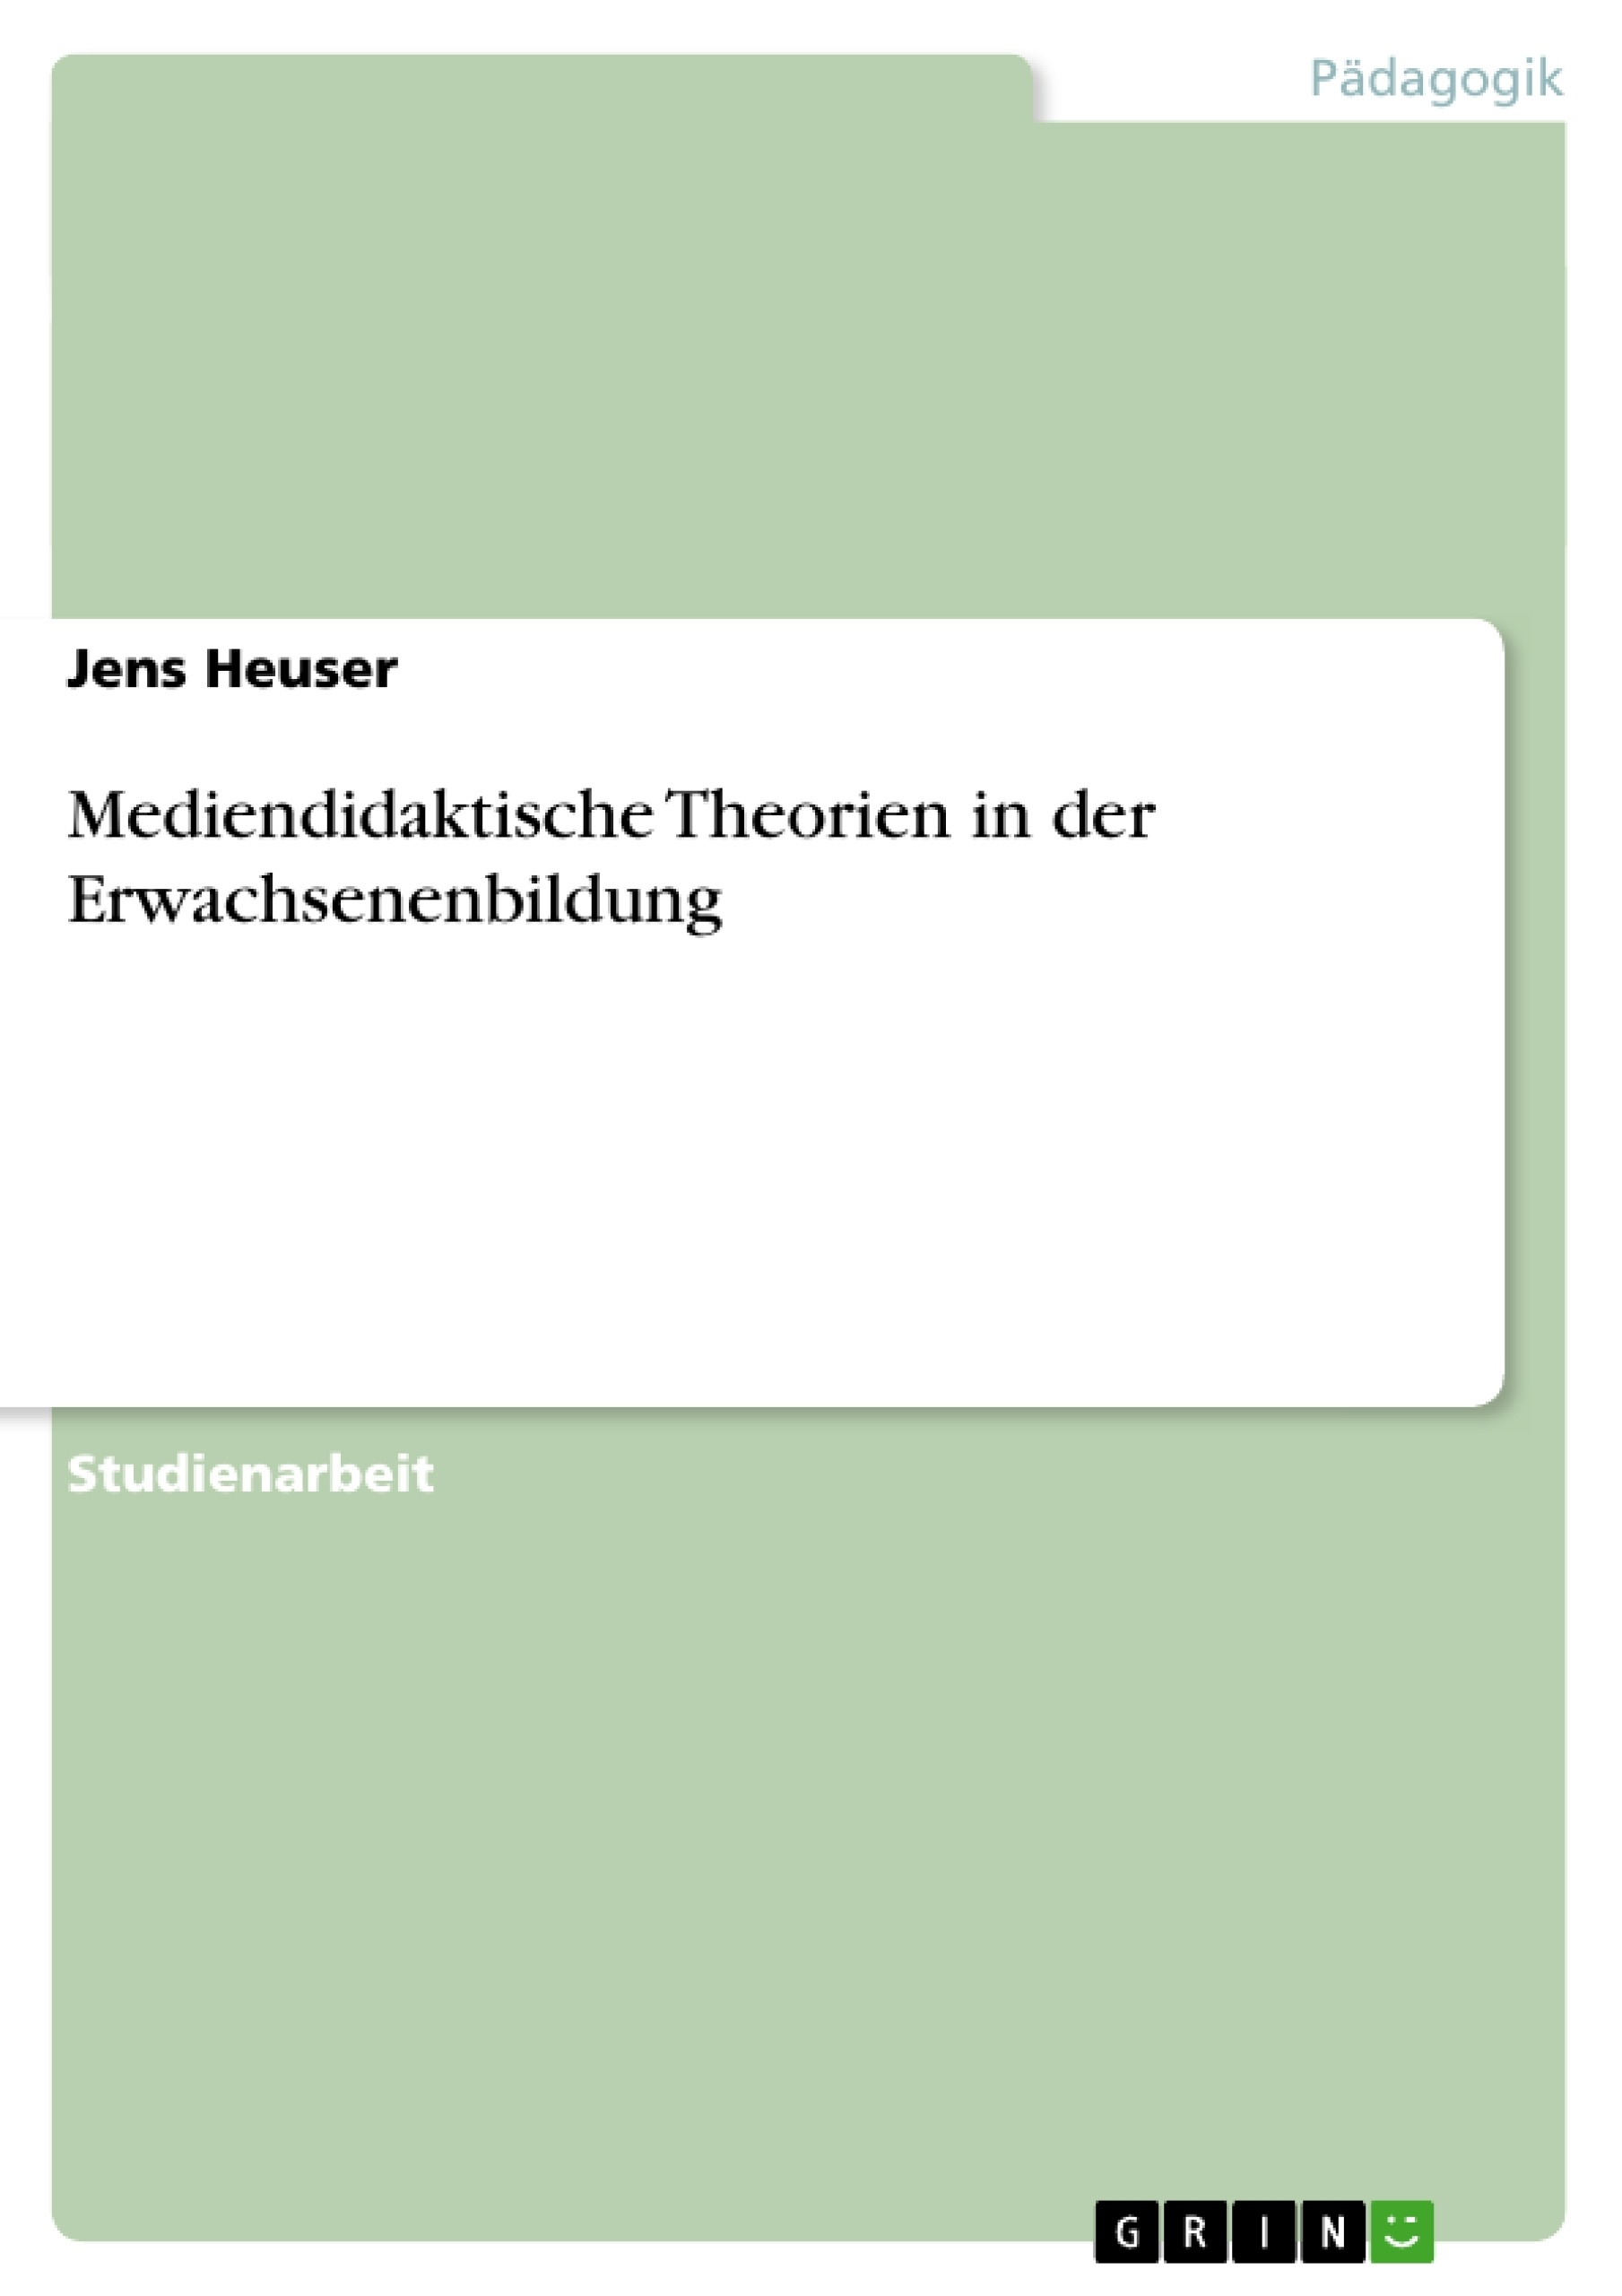 Titel: Mediendidaktische Theorien in der Erwachsenenbildung